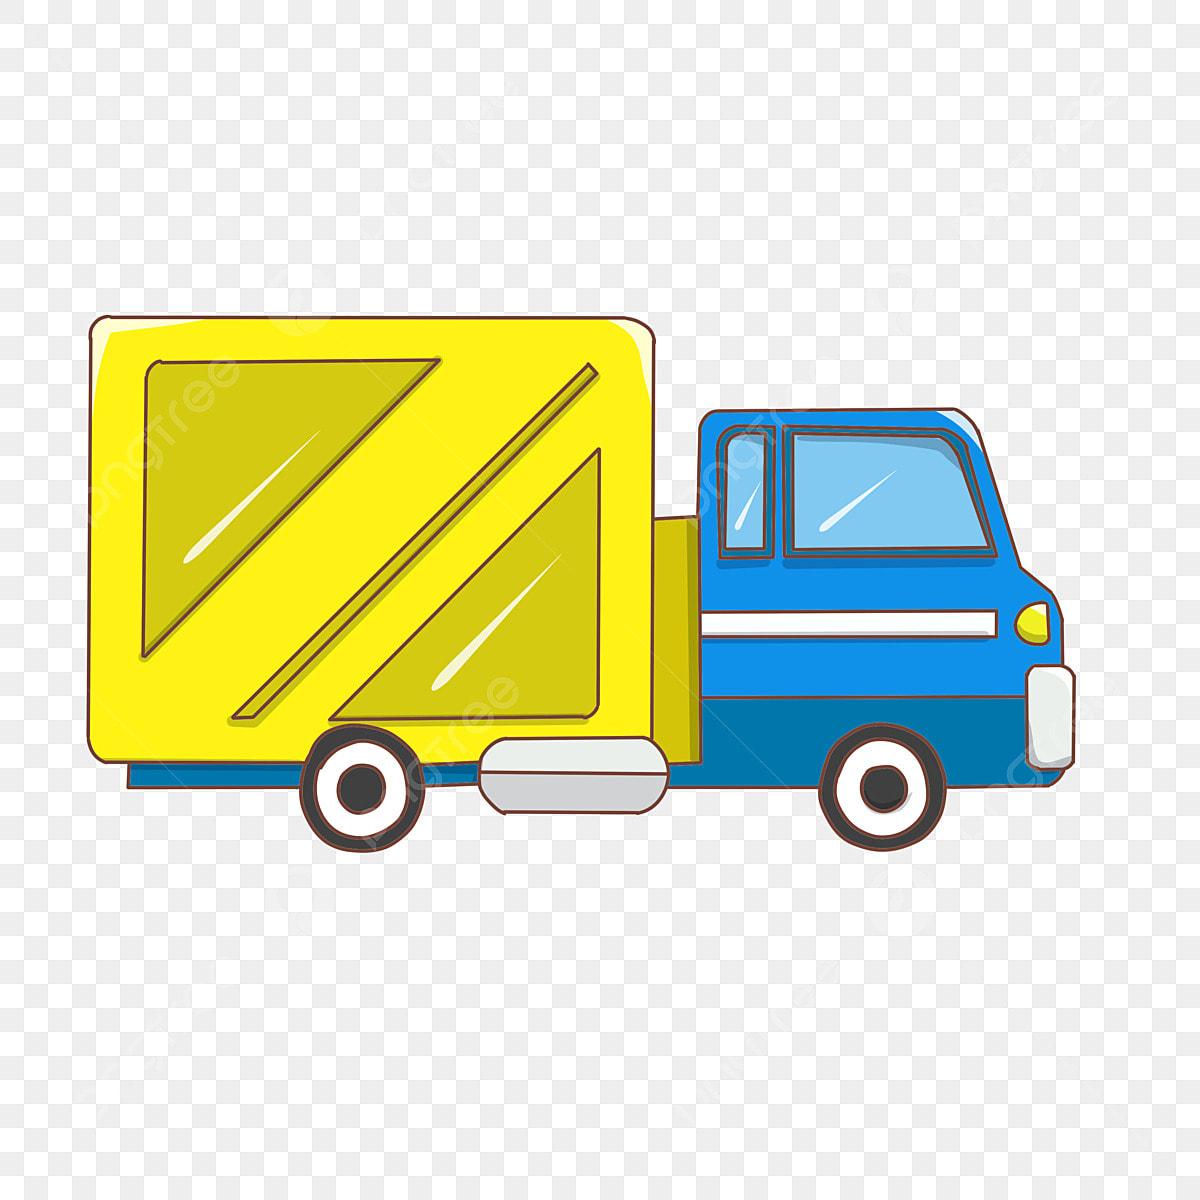 Camion Jaune Camionnette De Dessin Animé Front Bleu Véhicule